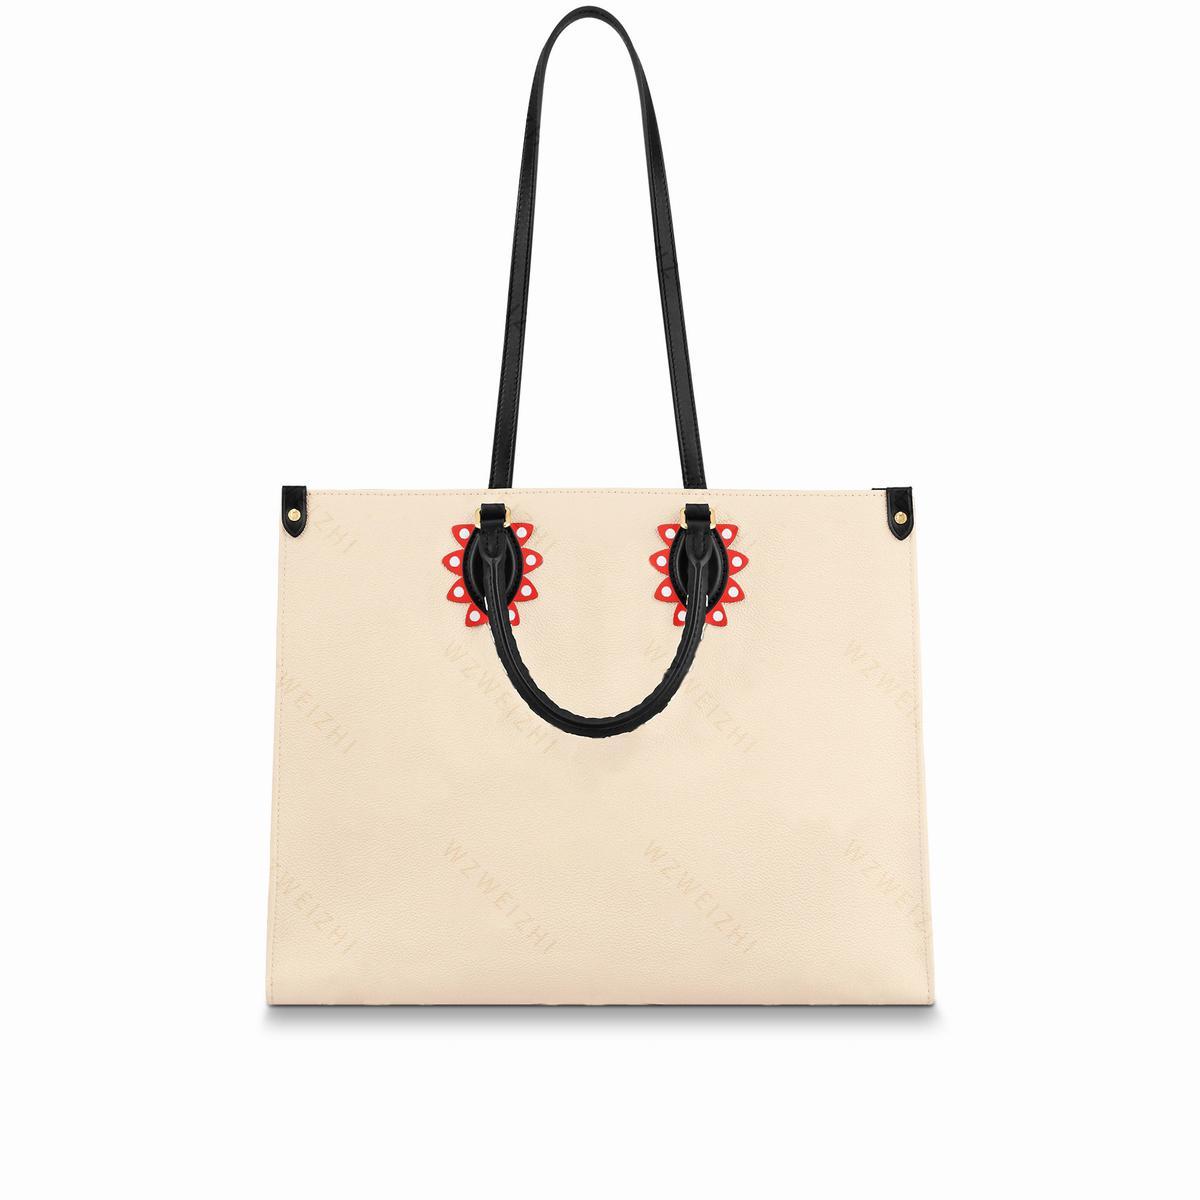 En Kaliteli Hakiki Deri Kadın Çanta Bayanlar Tote Çanta Çanta Moda Alışveriş Omuz Çantaları Crossbody Klasik Mektup Debriyaj Çanta Cüzdan 41 cm